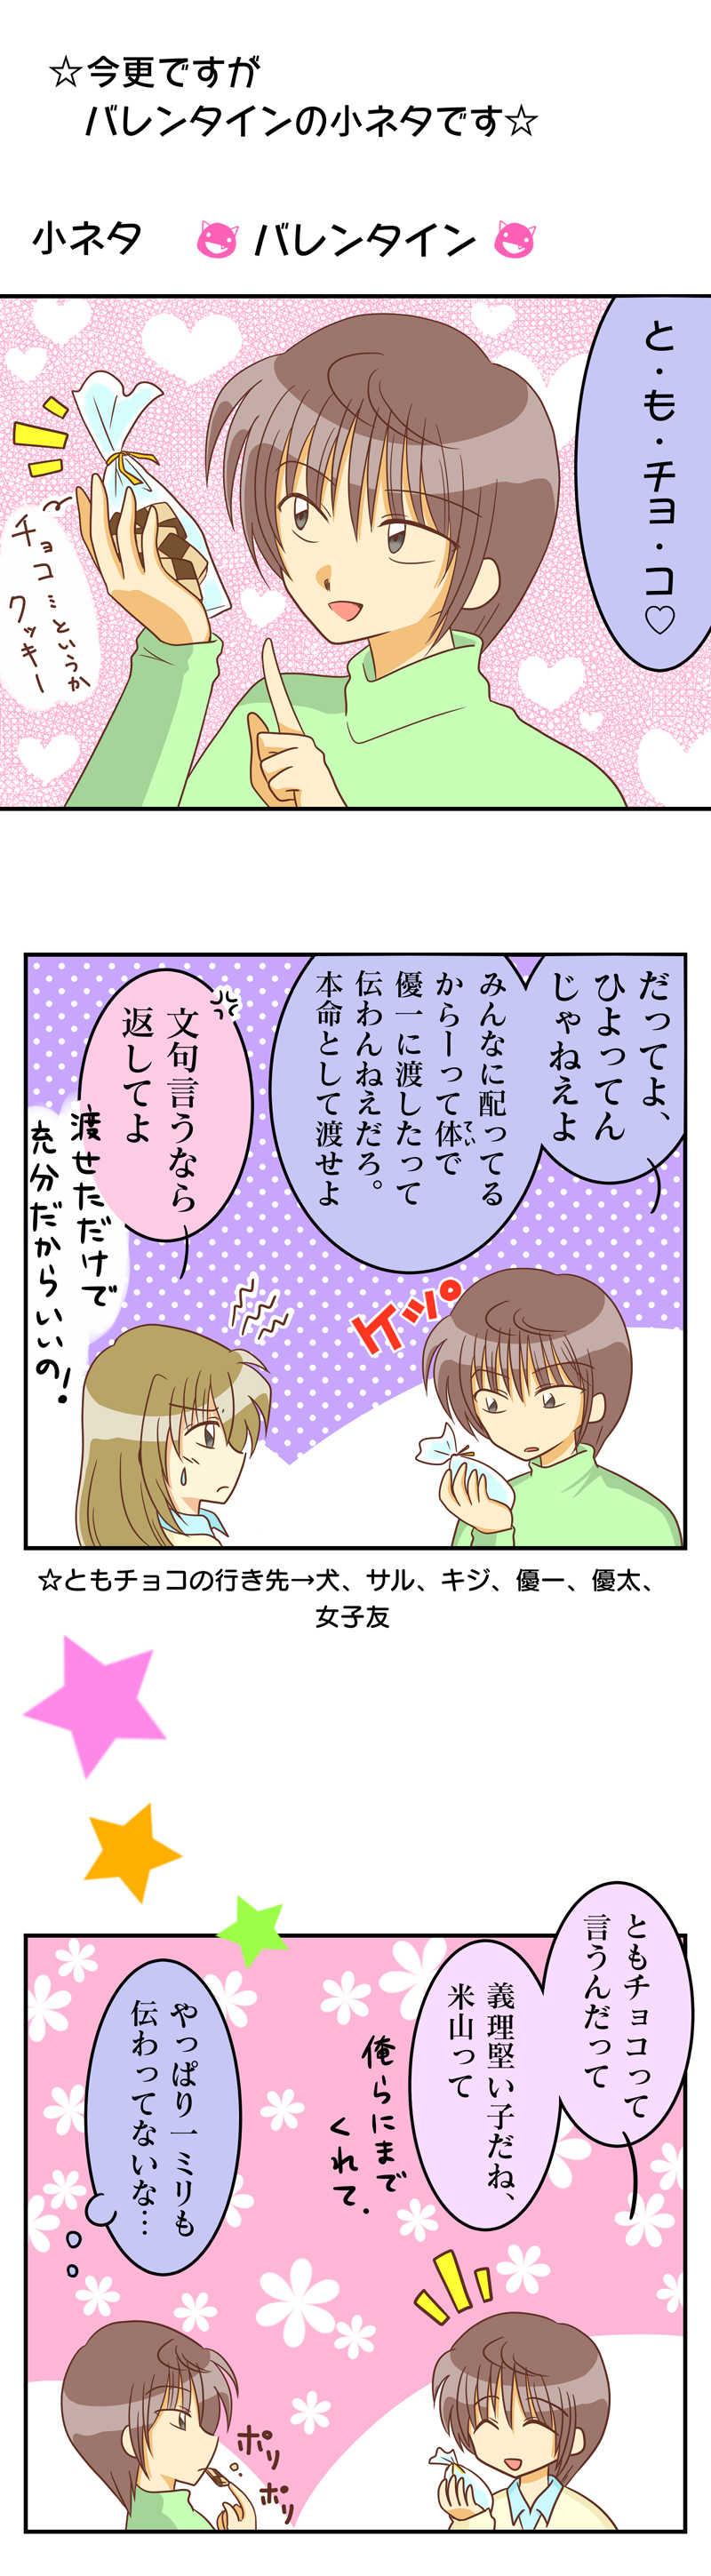 番外編.バレンタイン小ネタ